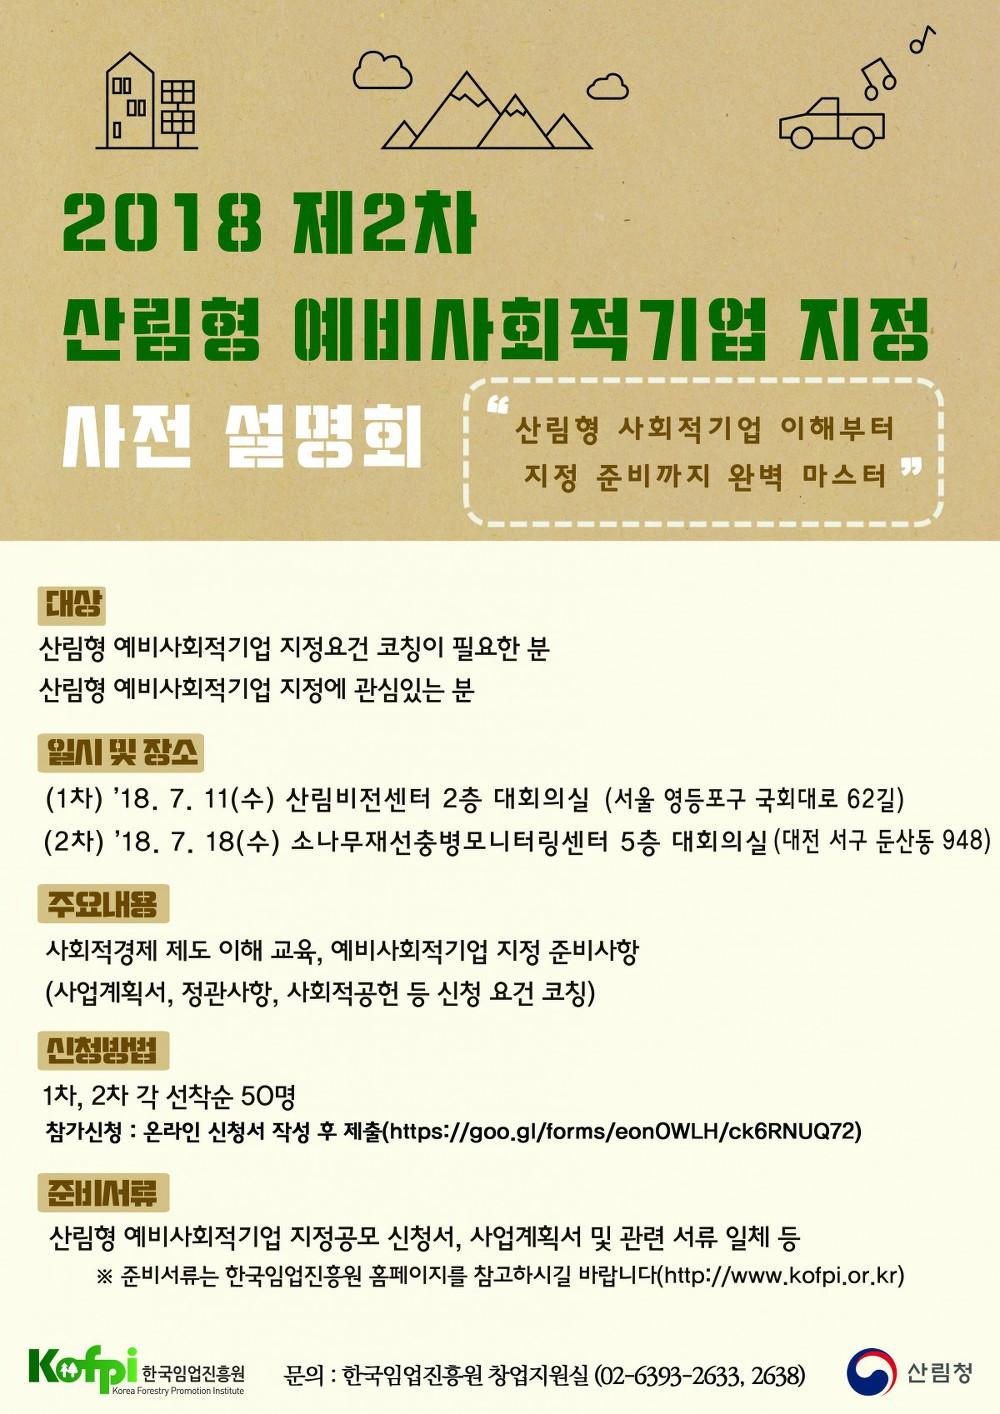 [공지] 한국임업진흥원 | 2018 제2차 산림형 예비사회적기업 지정 모집공고 사전 설명회 개최 안내